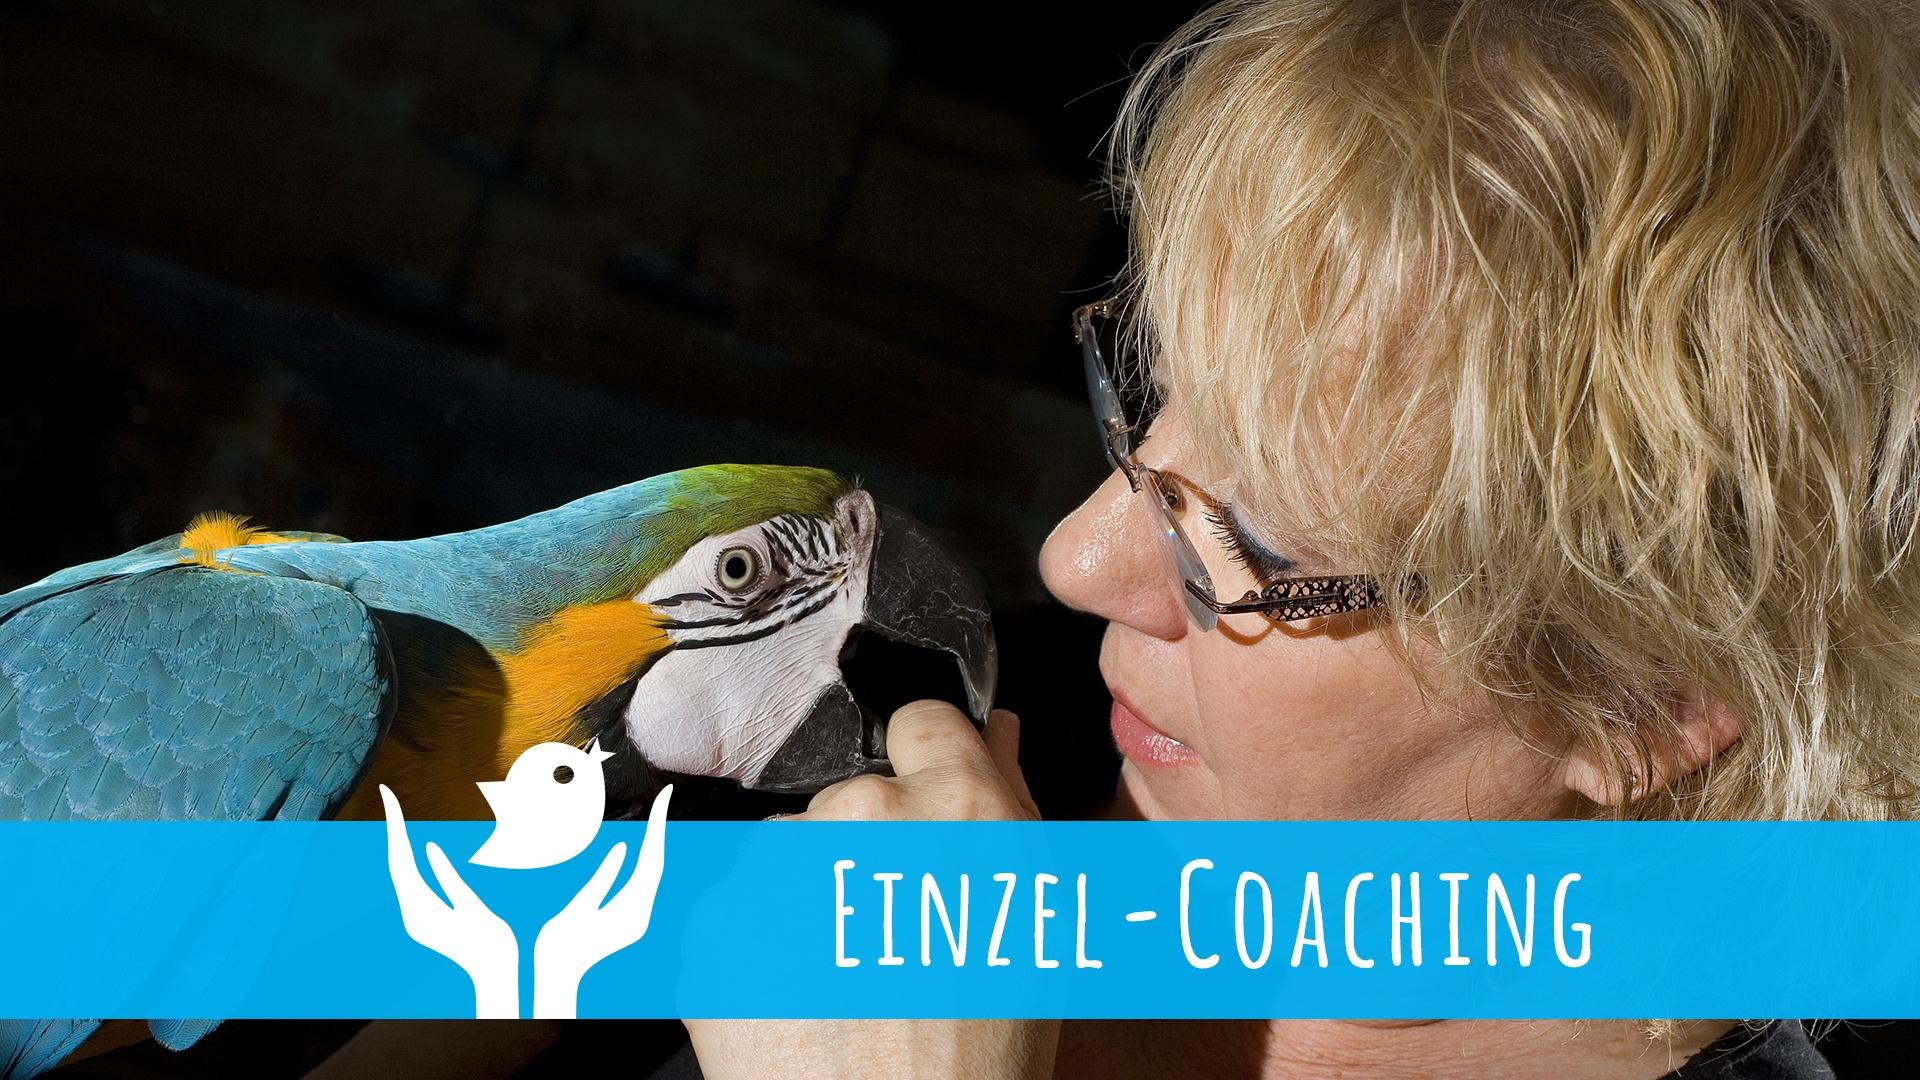 Einzel-Coaching für Papageien